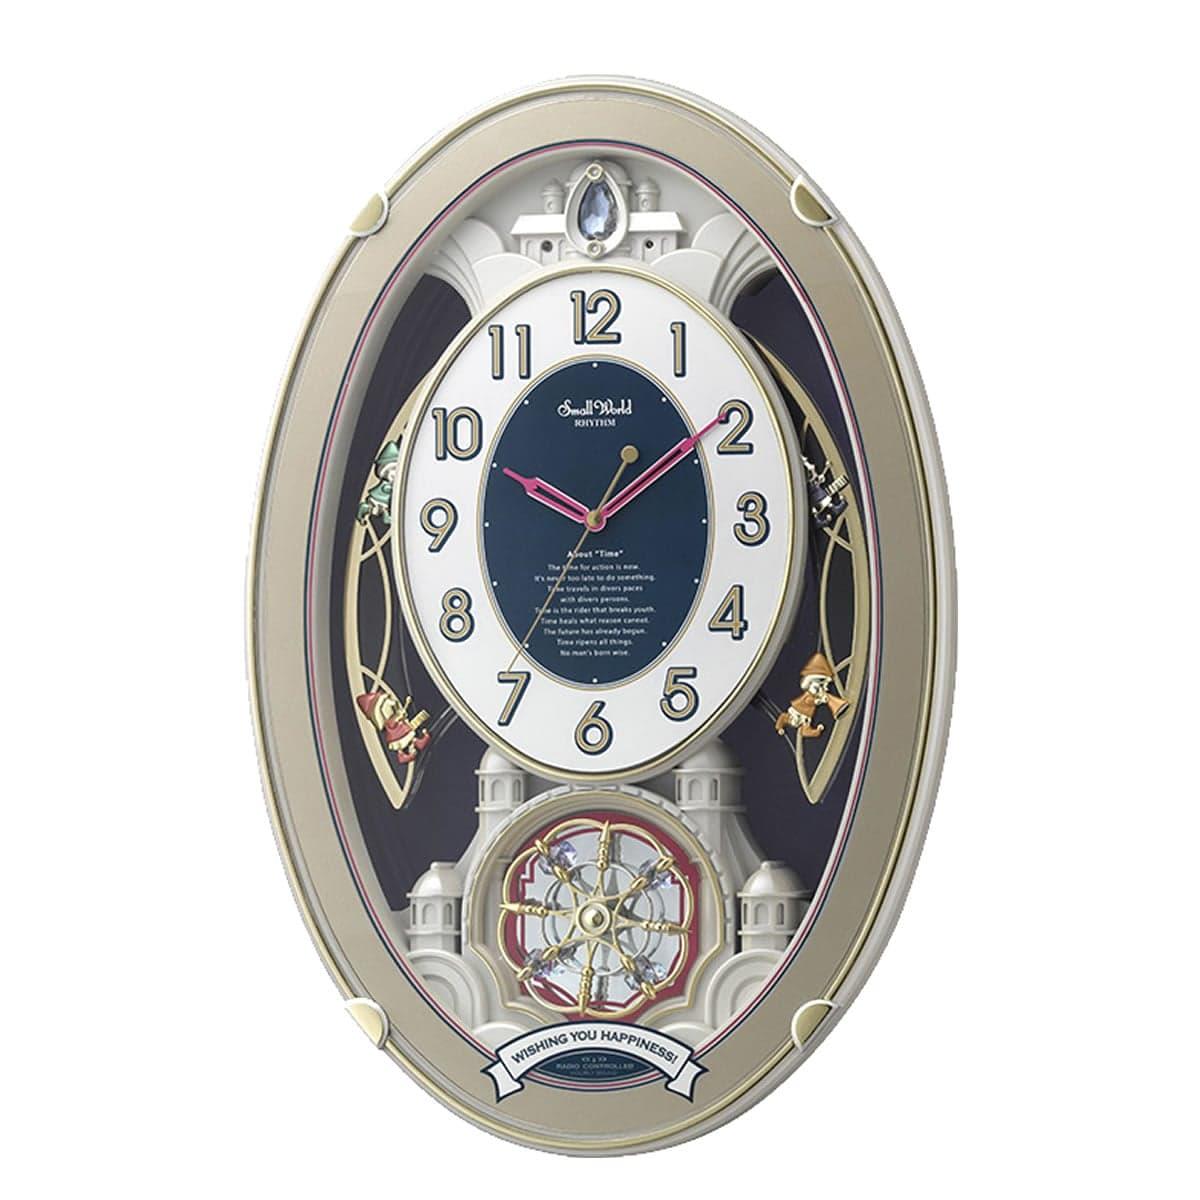 RHYTHM(リズム) SmallWorld 電波掛け時計 スモールワールドウィッシュ 4MN544RH18